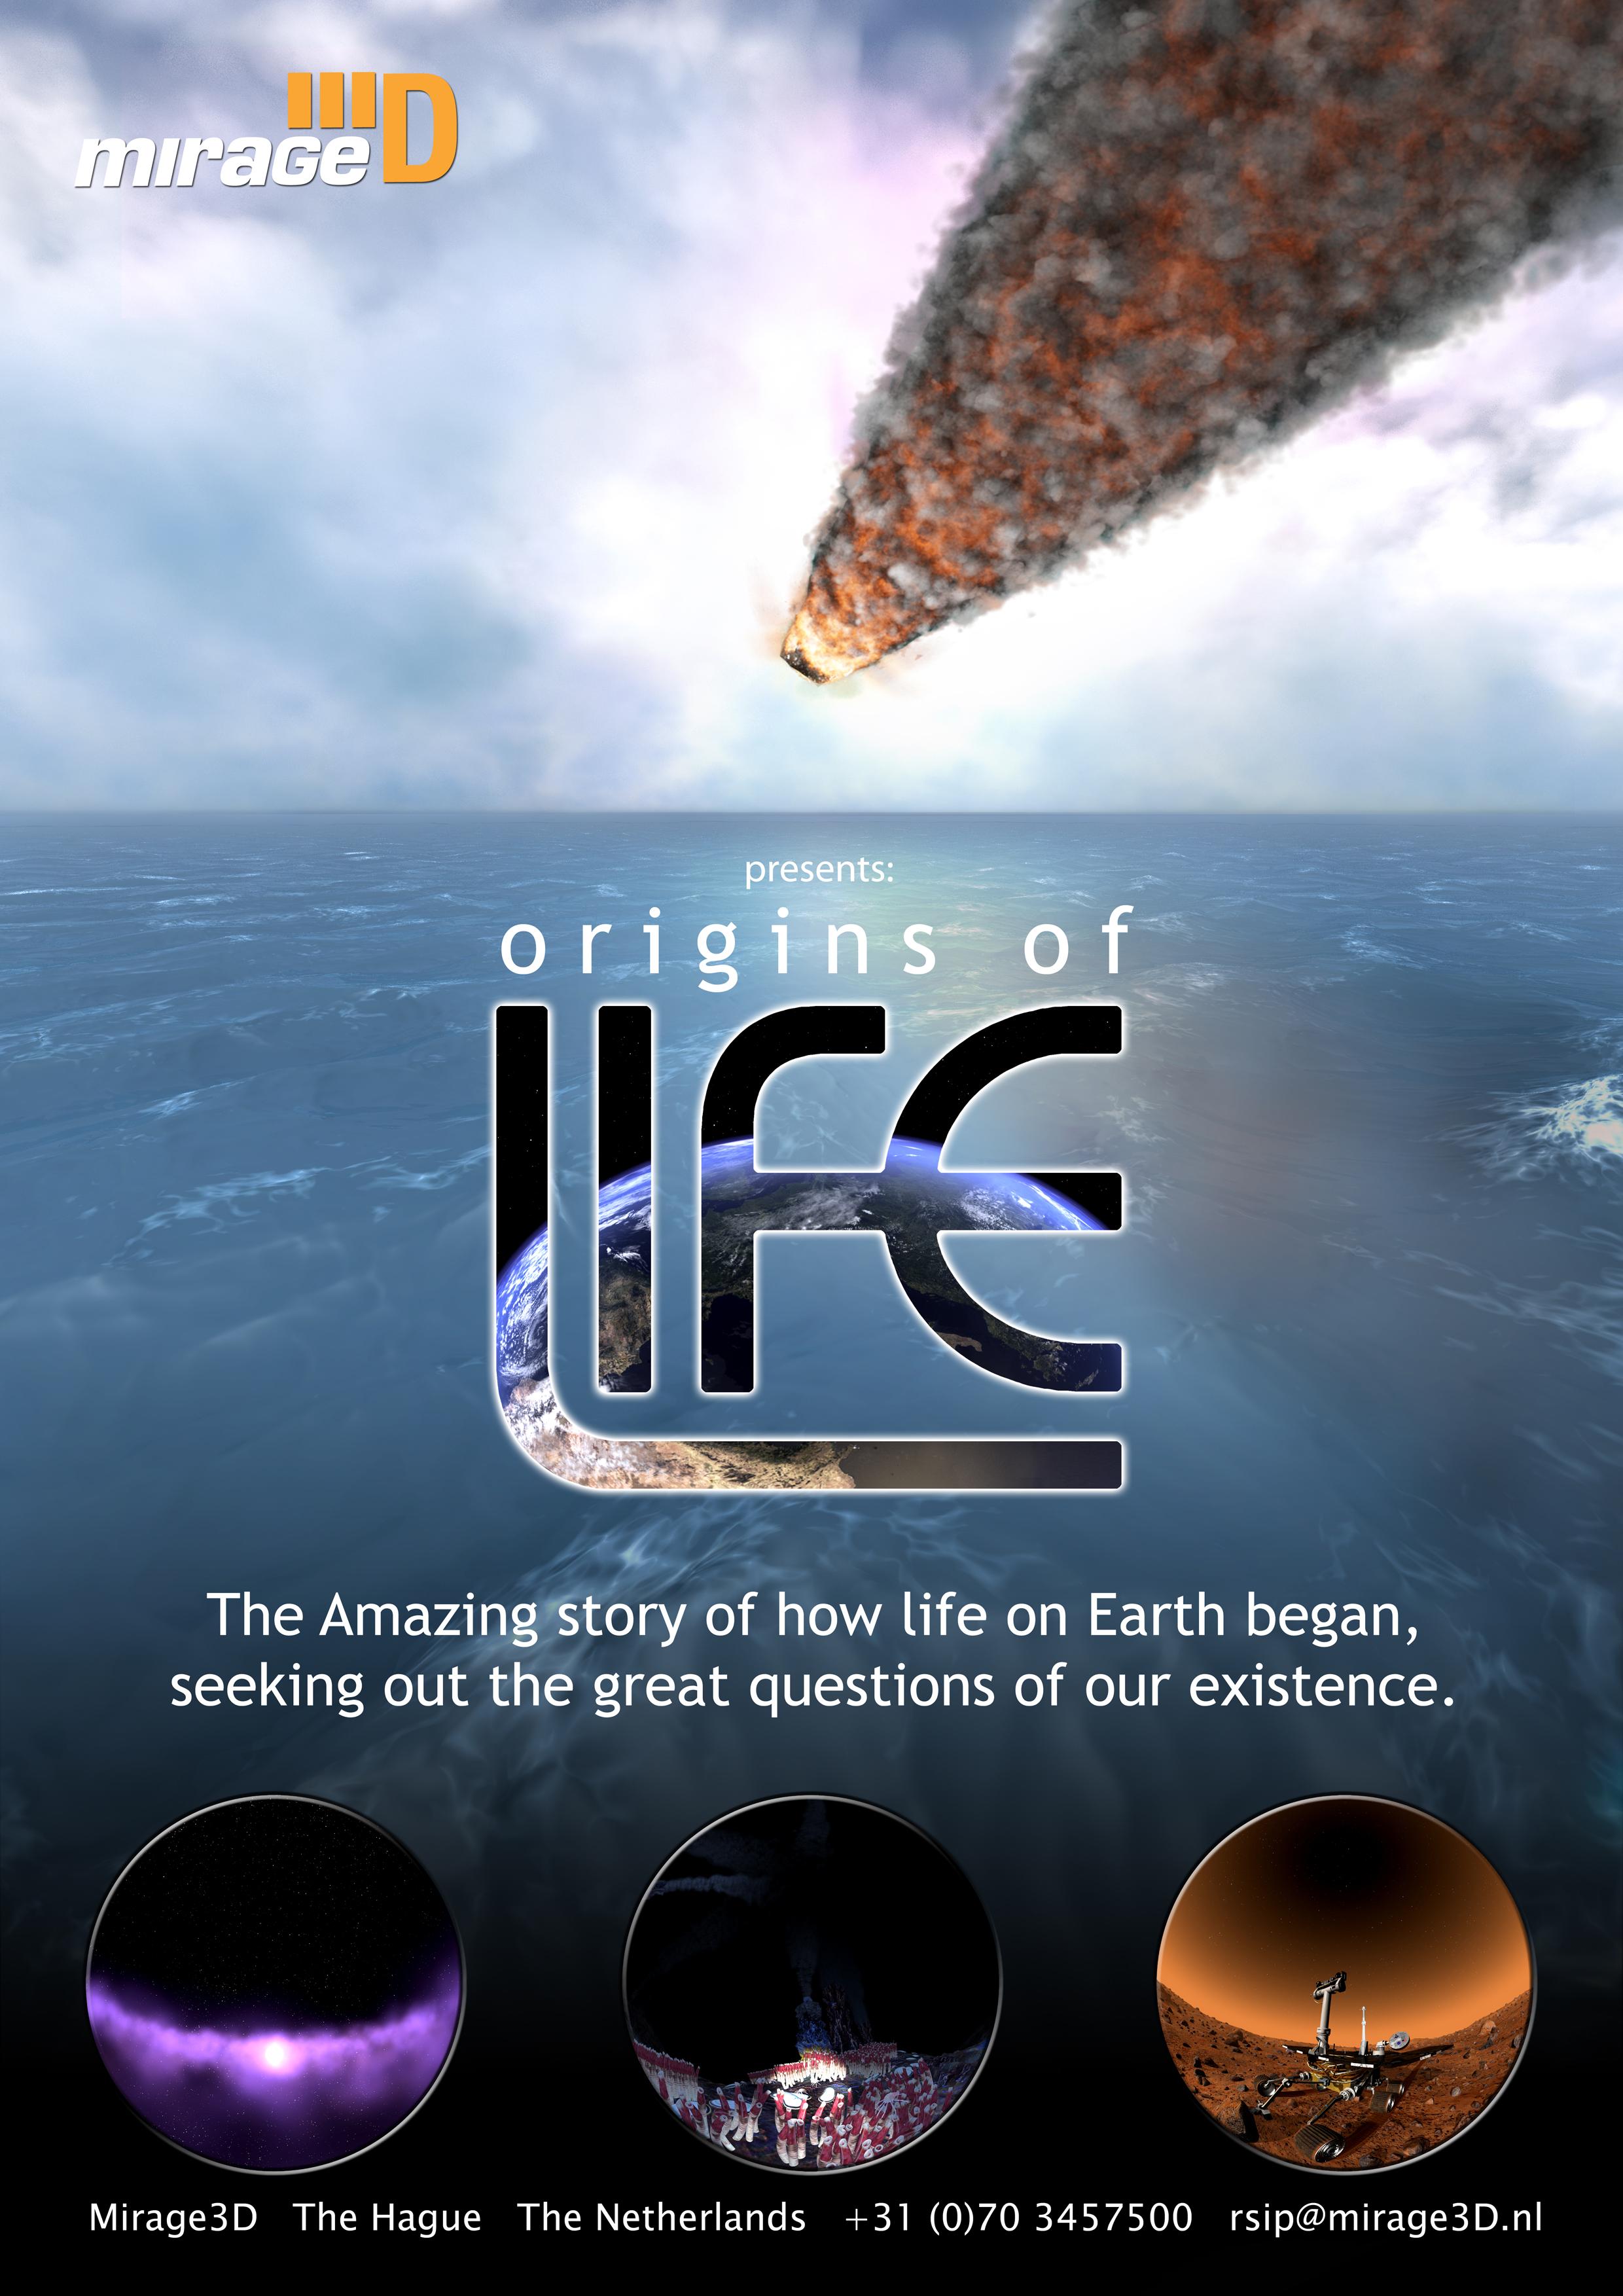 Pochodzenie Życia/ Origins of Life - PL/ 2D